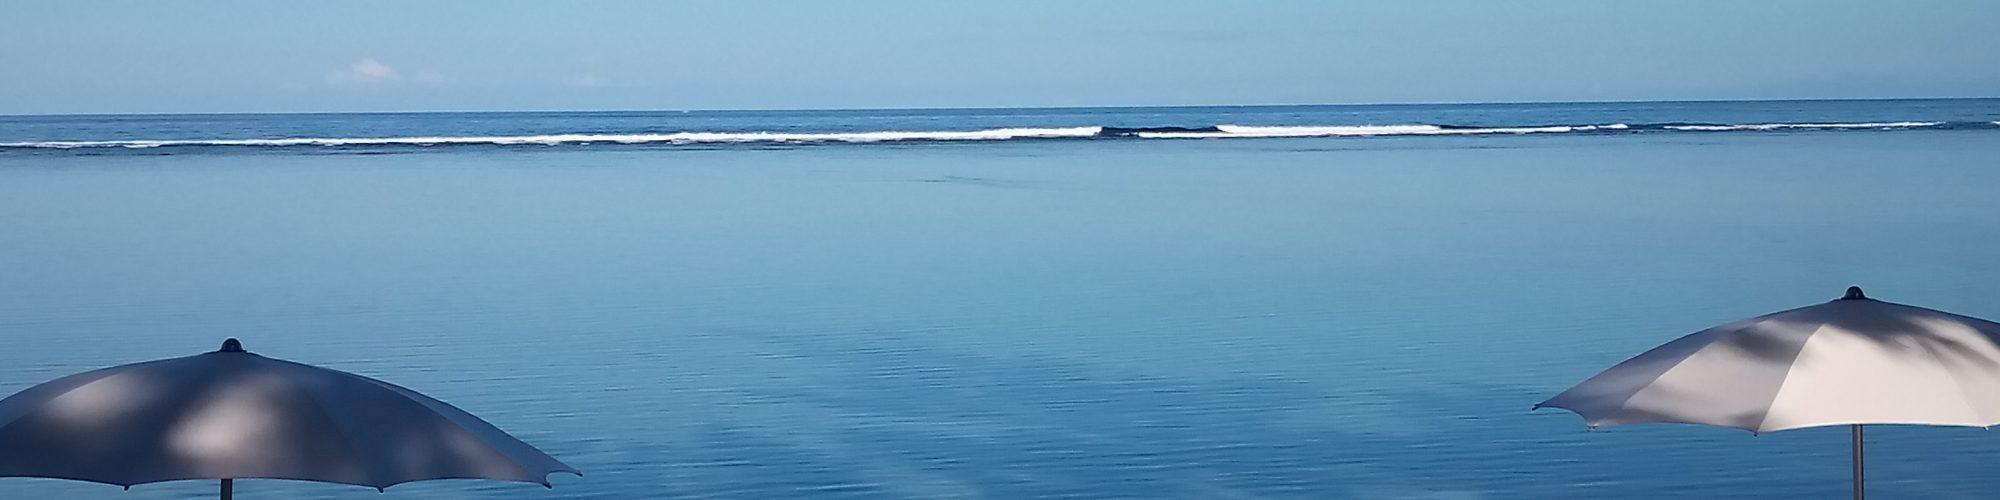 Lux St Gilles beach 2